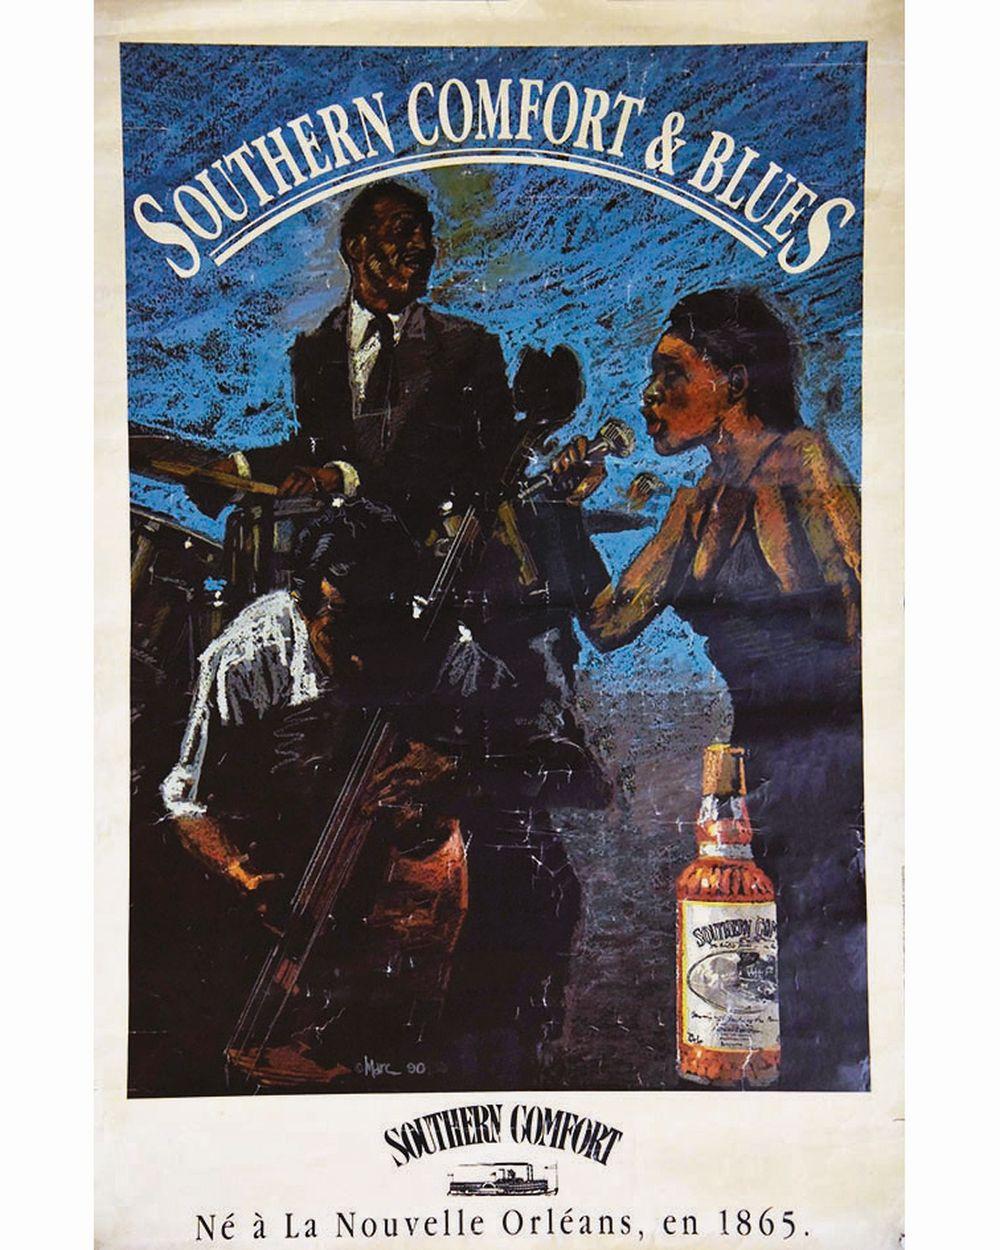 MARC - Wisky Southern Cofort & Blues Nouvelle Orléans     vers 1980